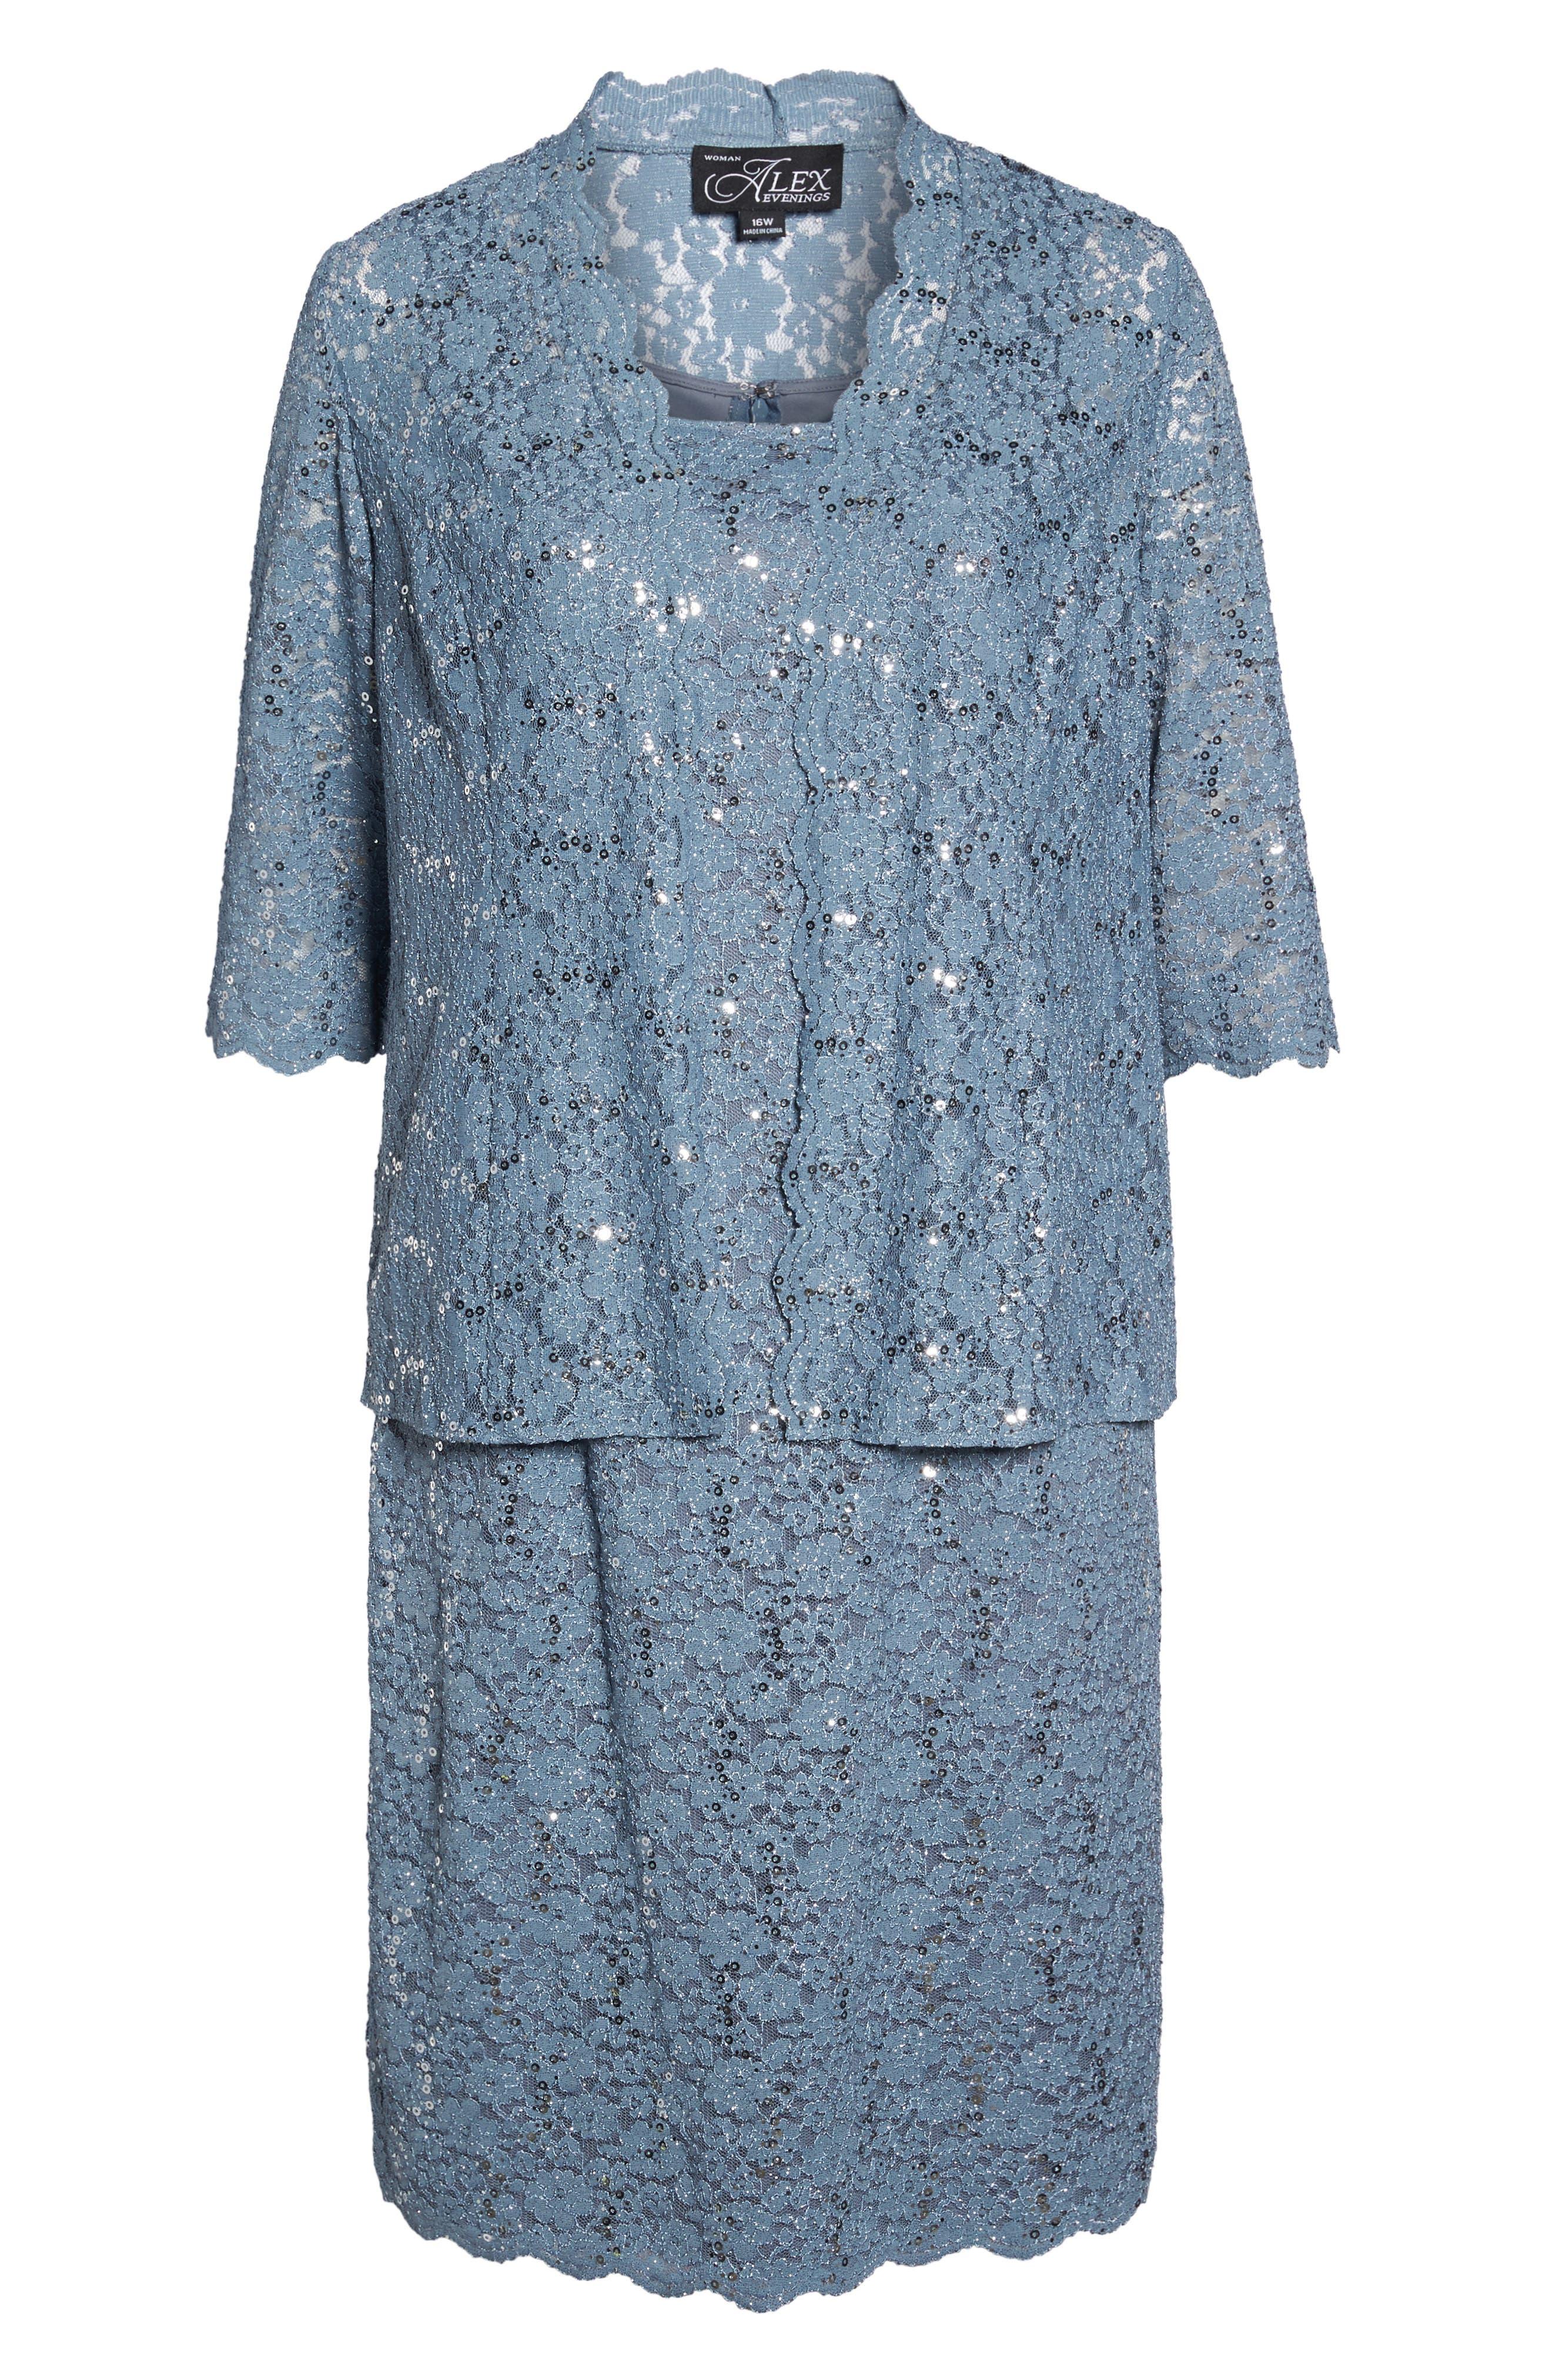 Sequin Lace Jacket Dress,                             Alternate thumbnail 6, color,                             Steel Blue